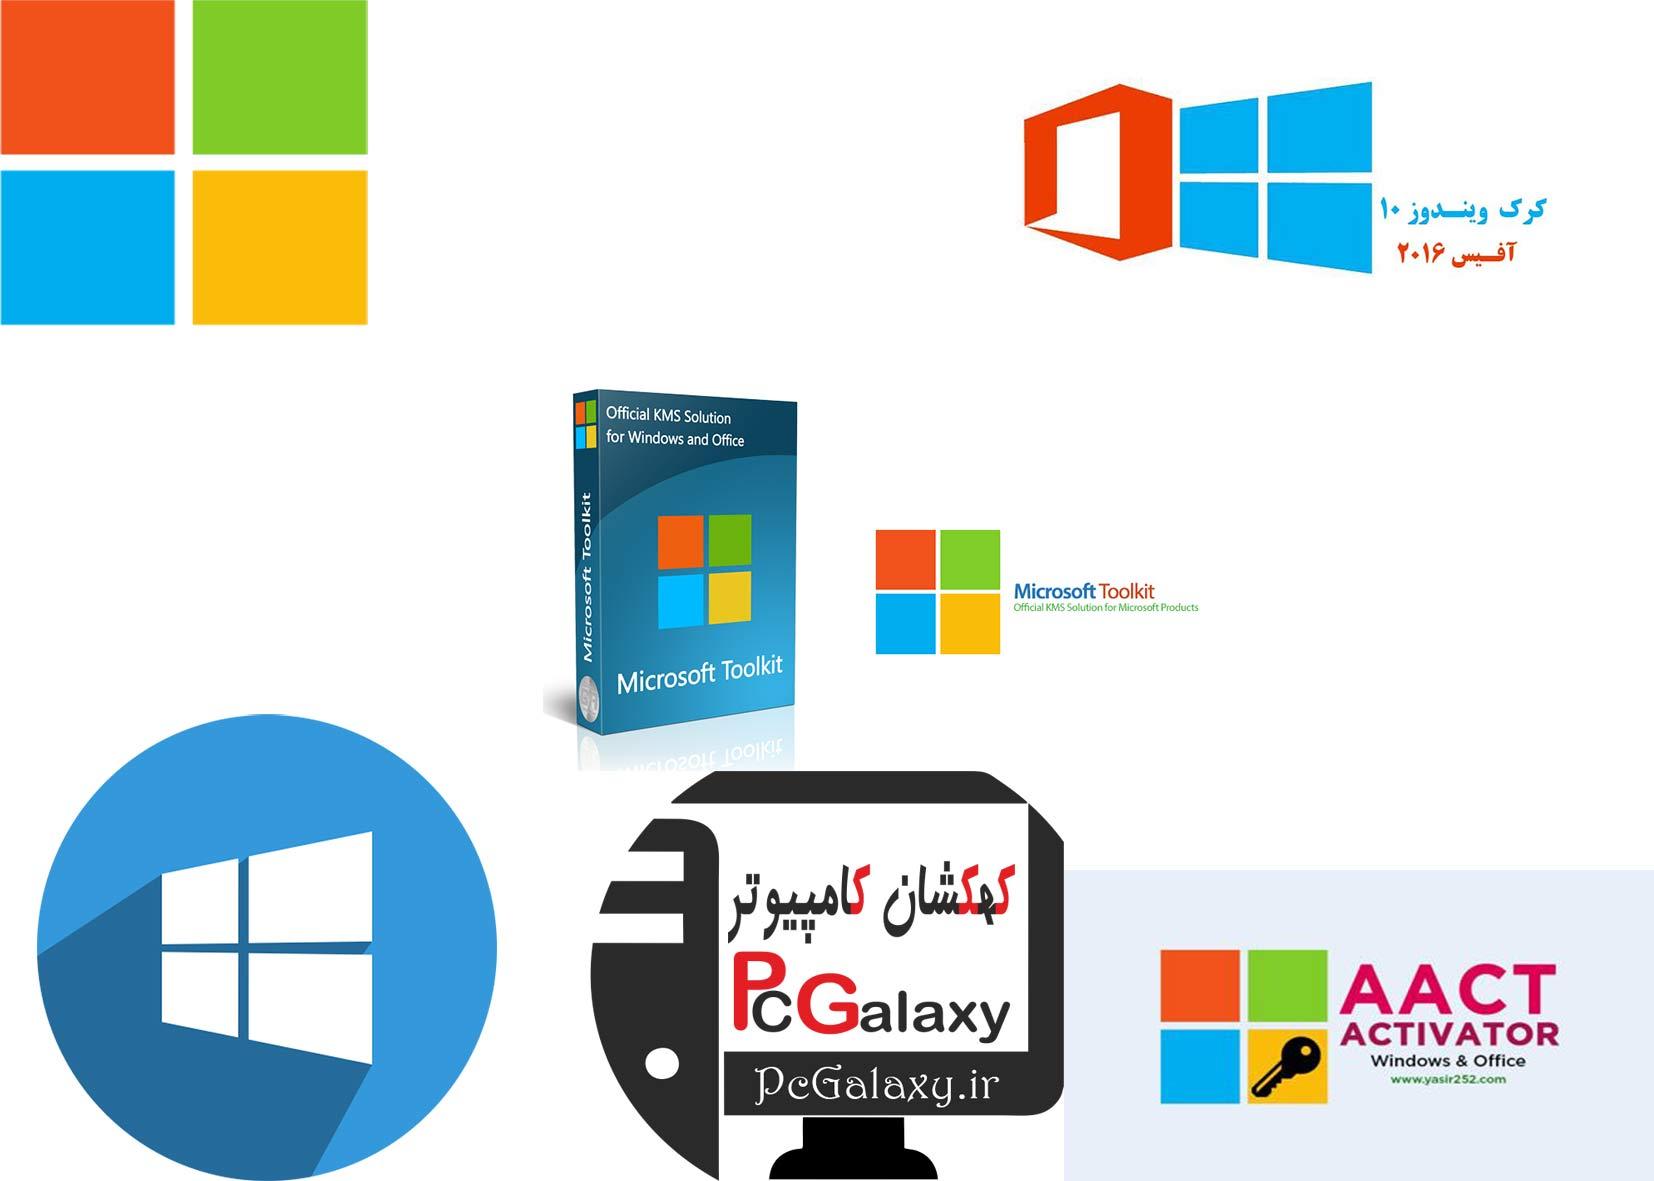 آموزش تصویری کرک (Crack) ویندوز 10 (ده ، تن) ، ویندوز 8.1 و تمام نسخه های مایکروسافت آفیس office